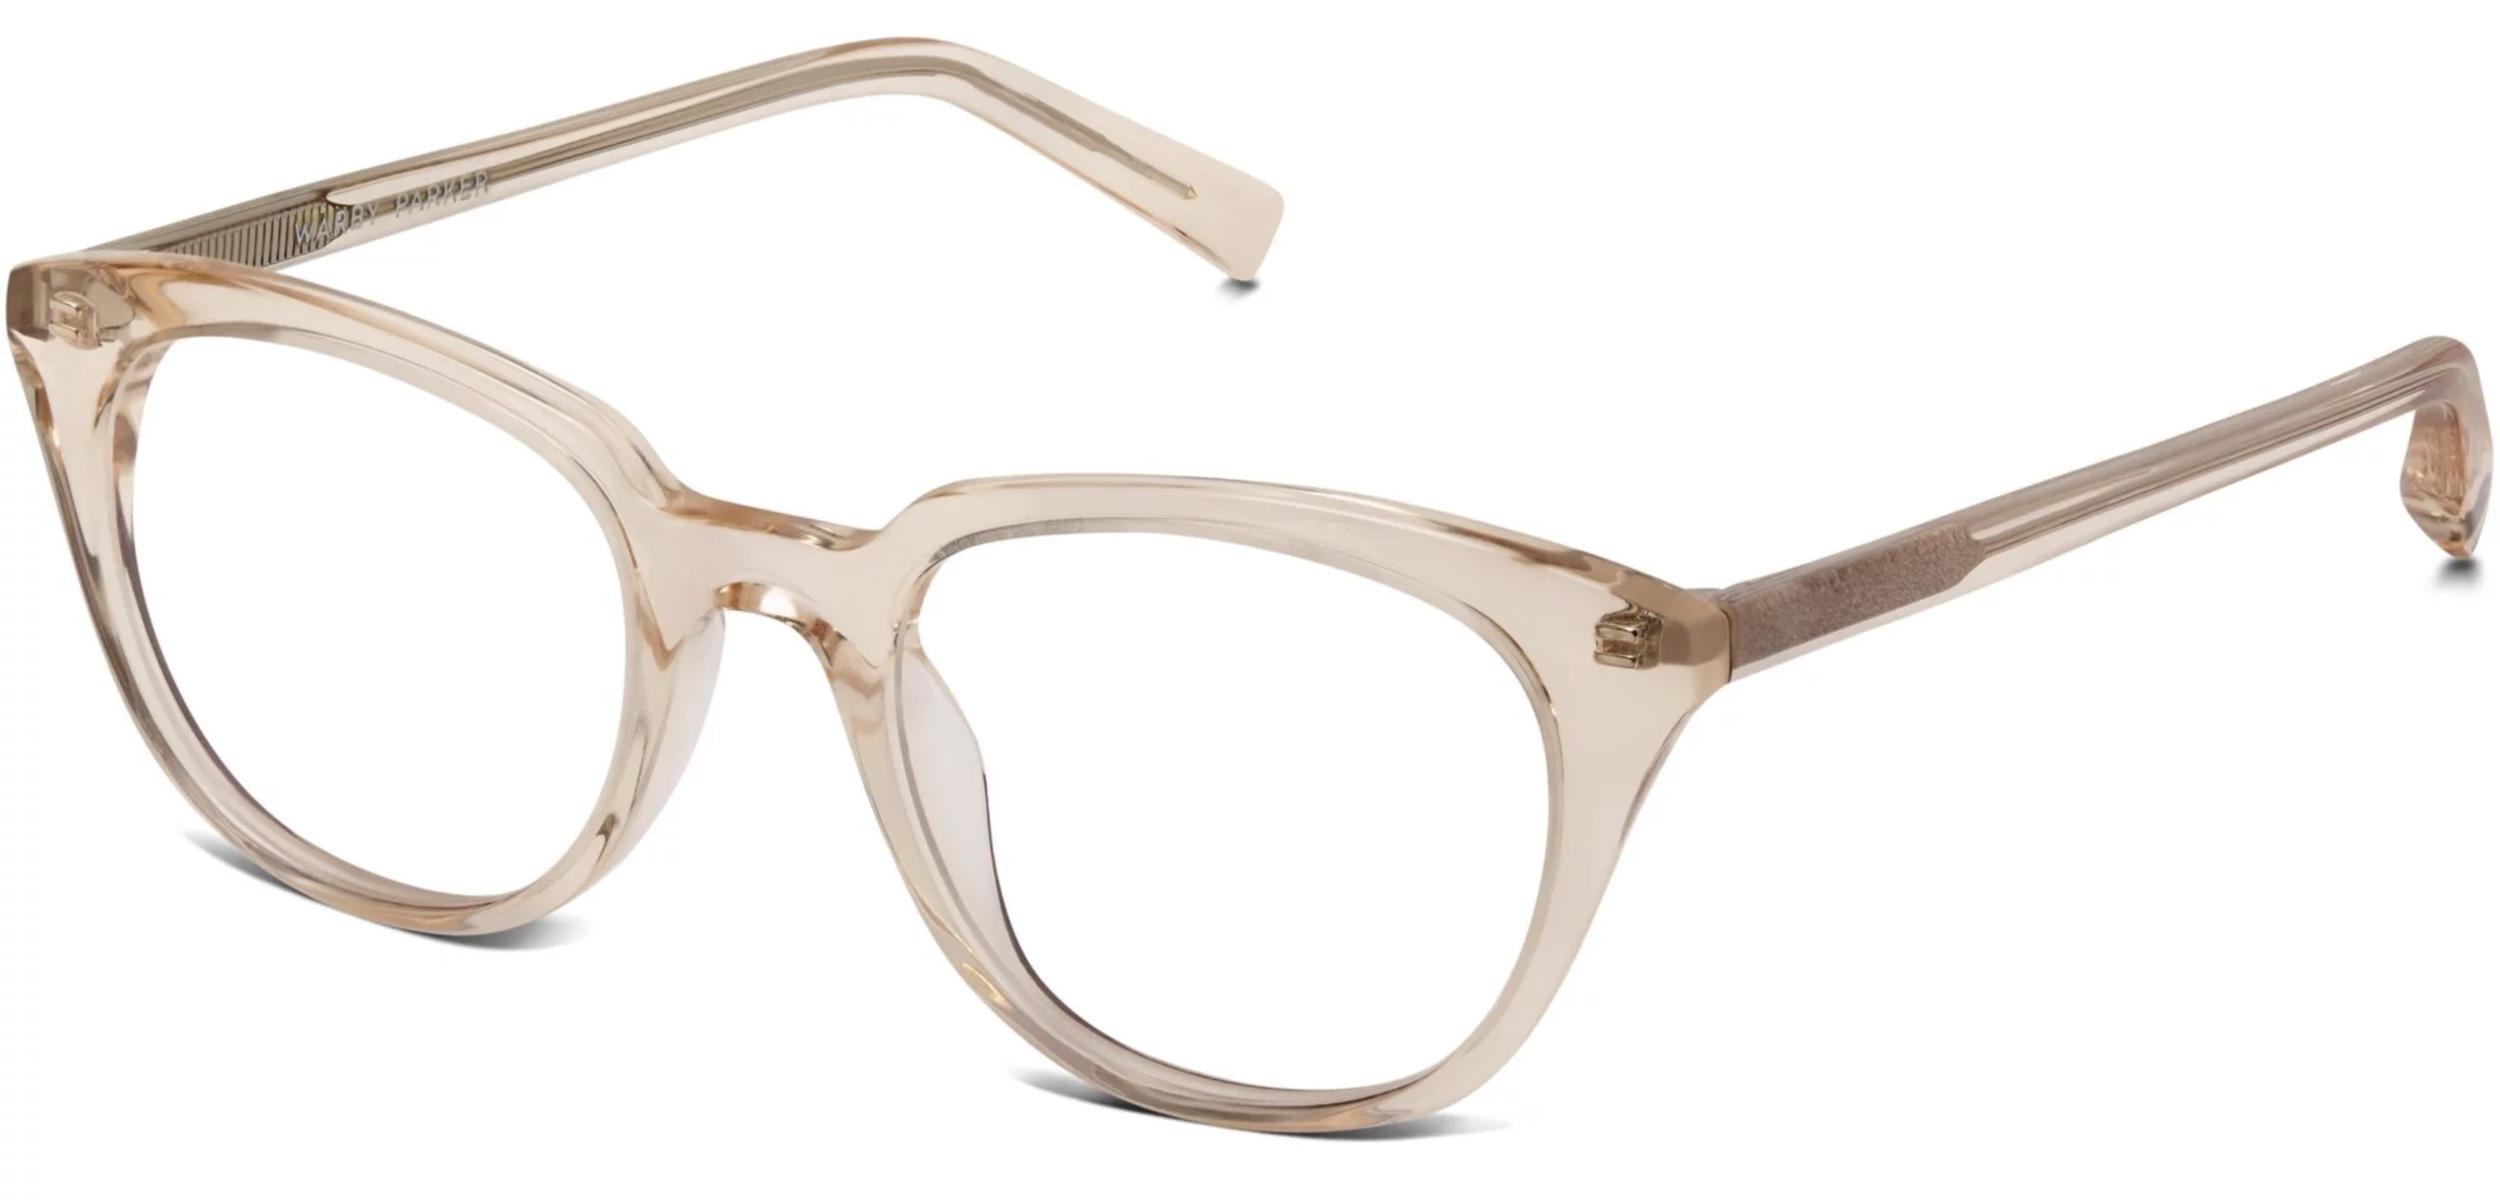 Copy of Copy of Copy of Copy of Warby Parker Eyeglasses Frames